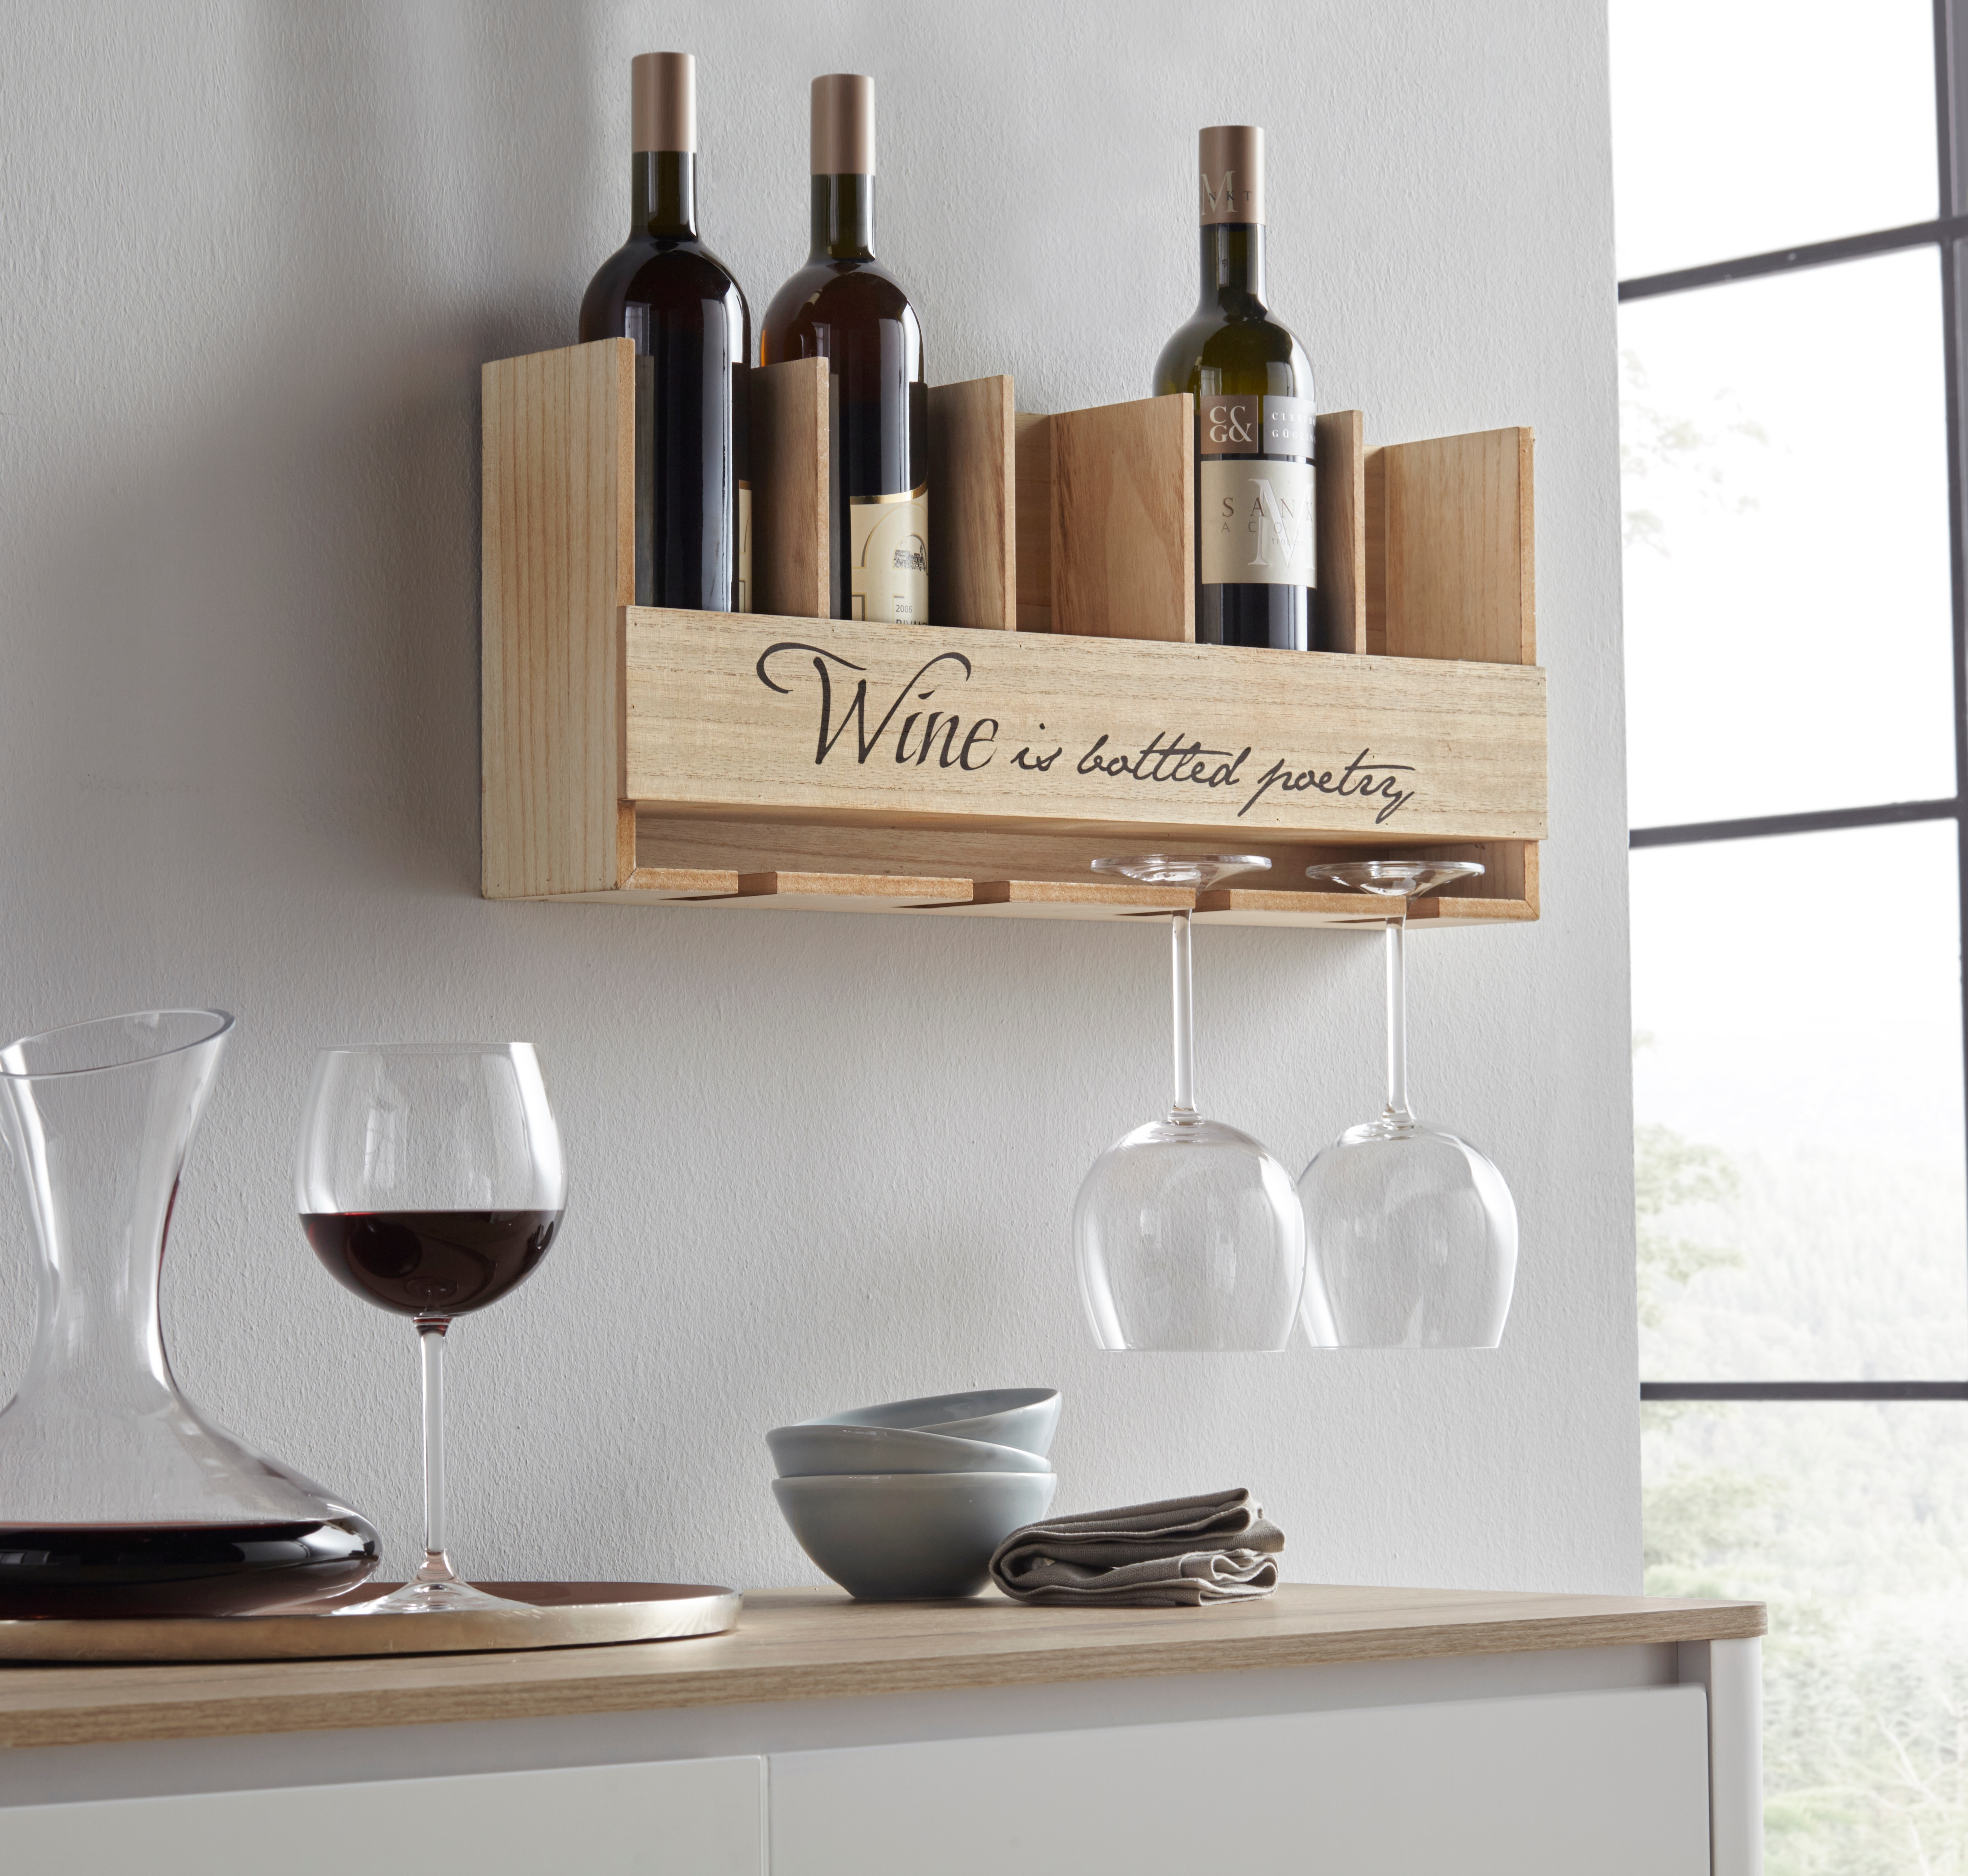 Home affaire Weinregal | Küche und Esszimmer > Küchenregale > Weinregale | home affaire